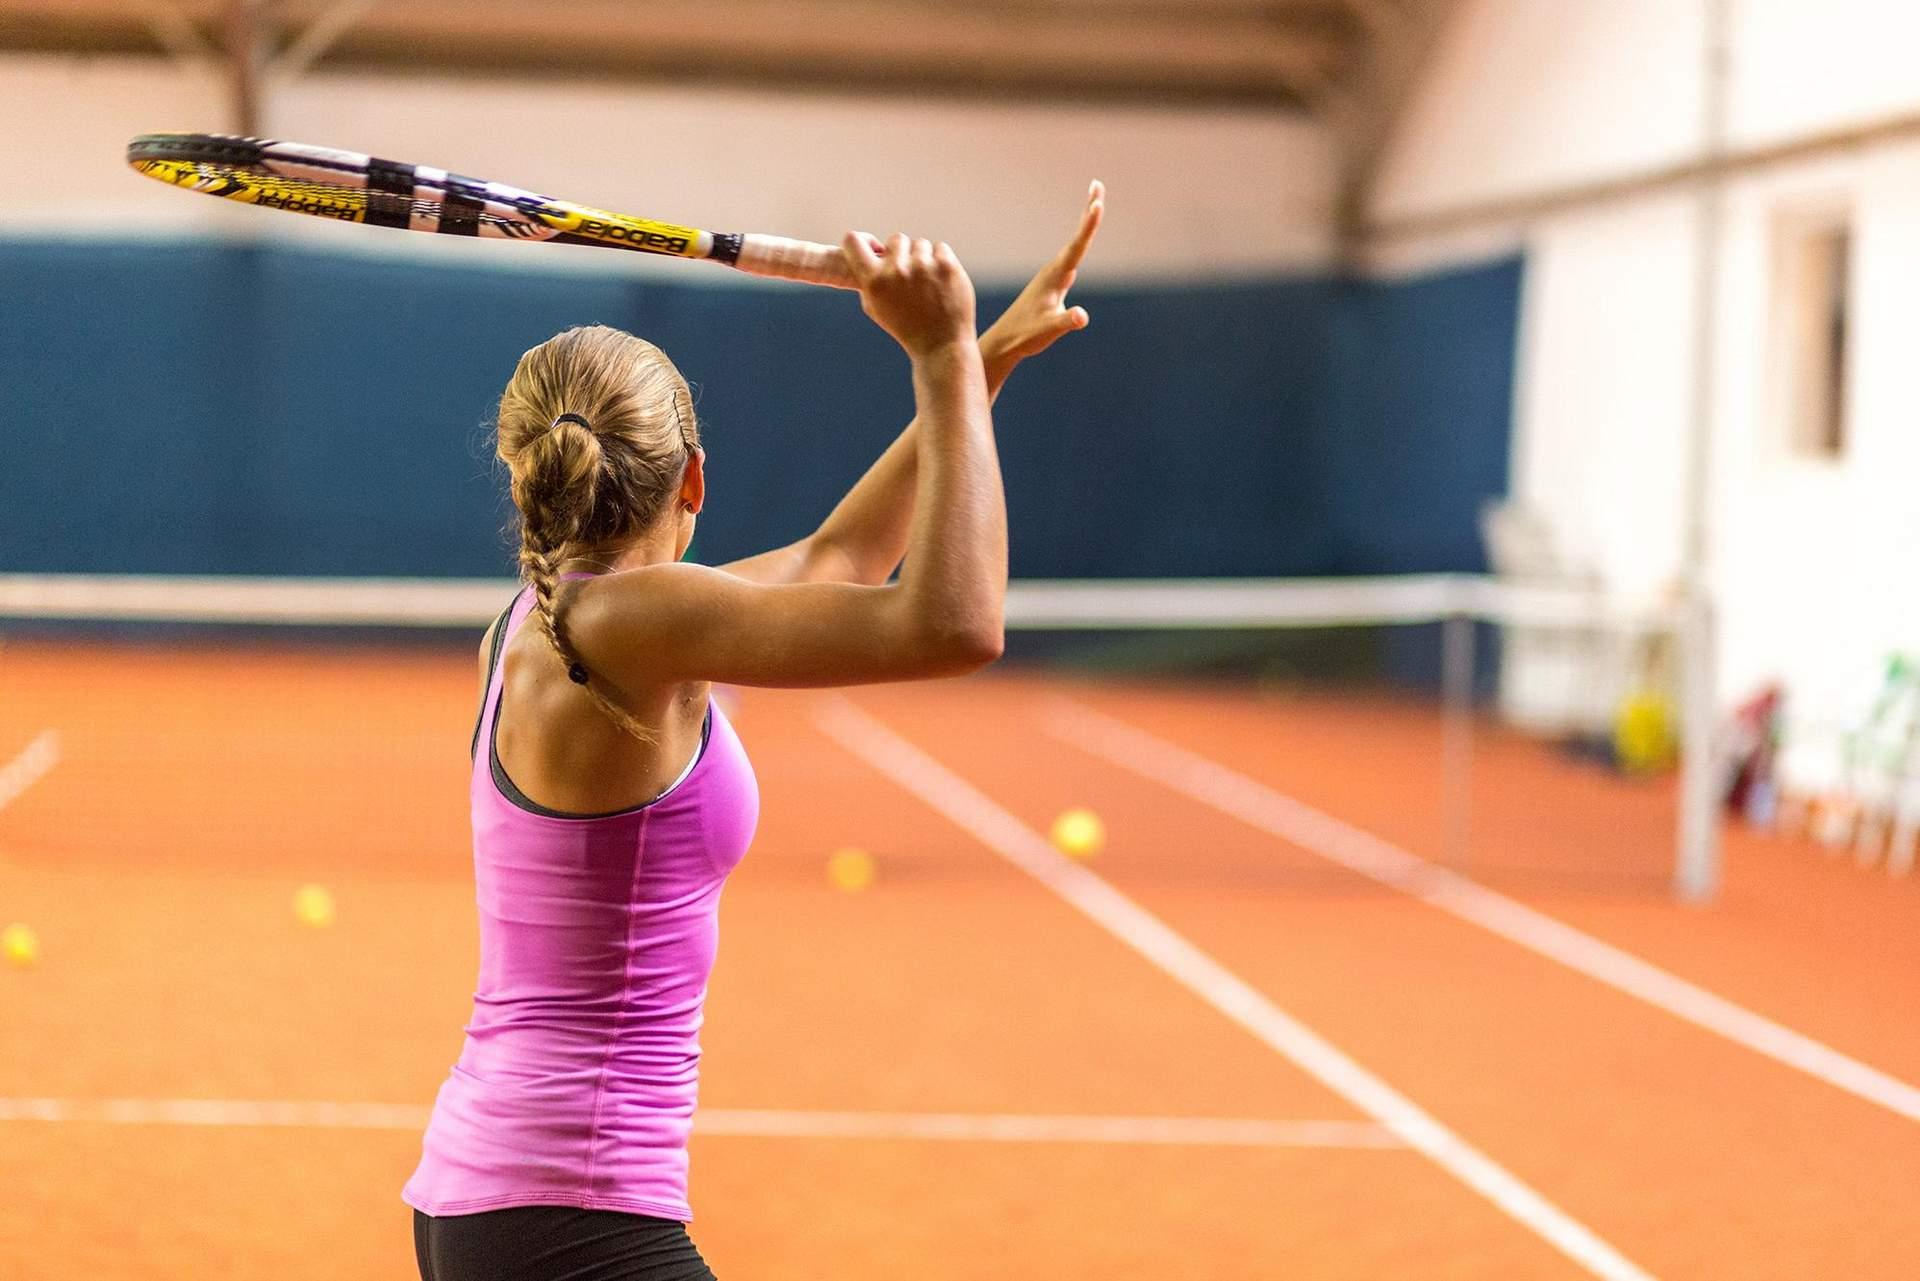 Tennisspielerin bei Vorhand